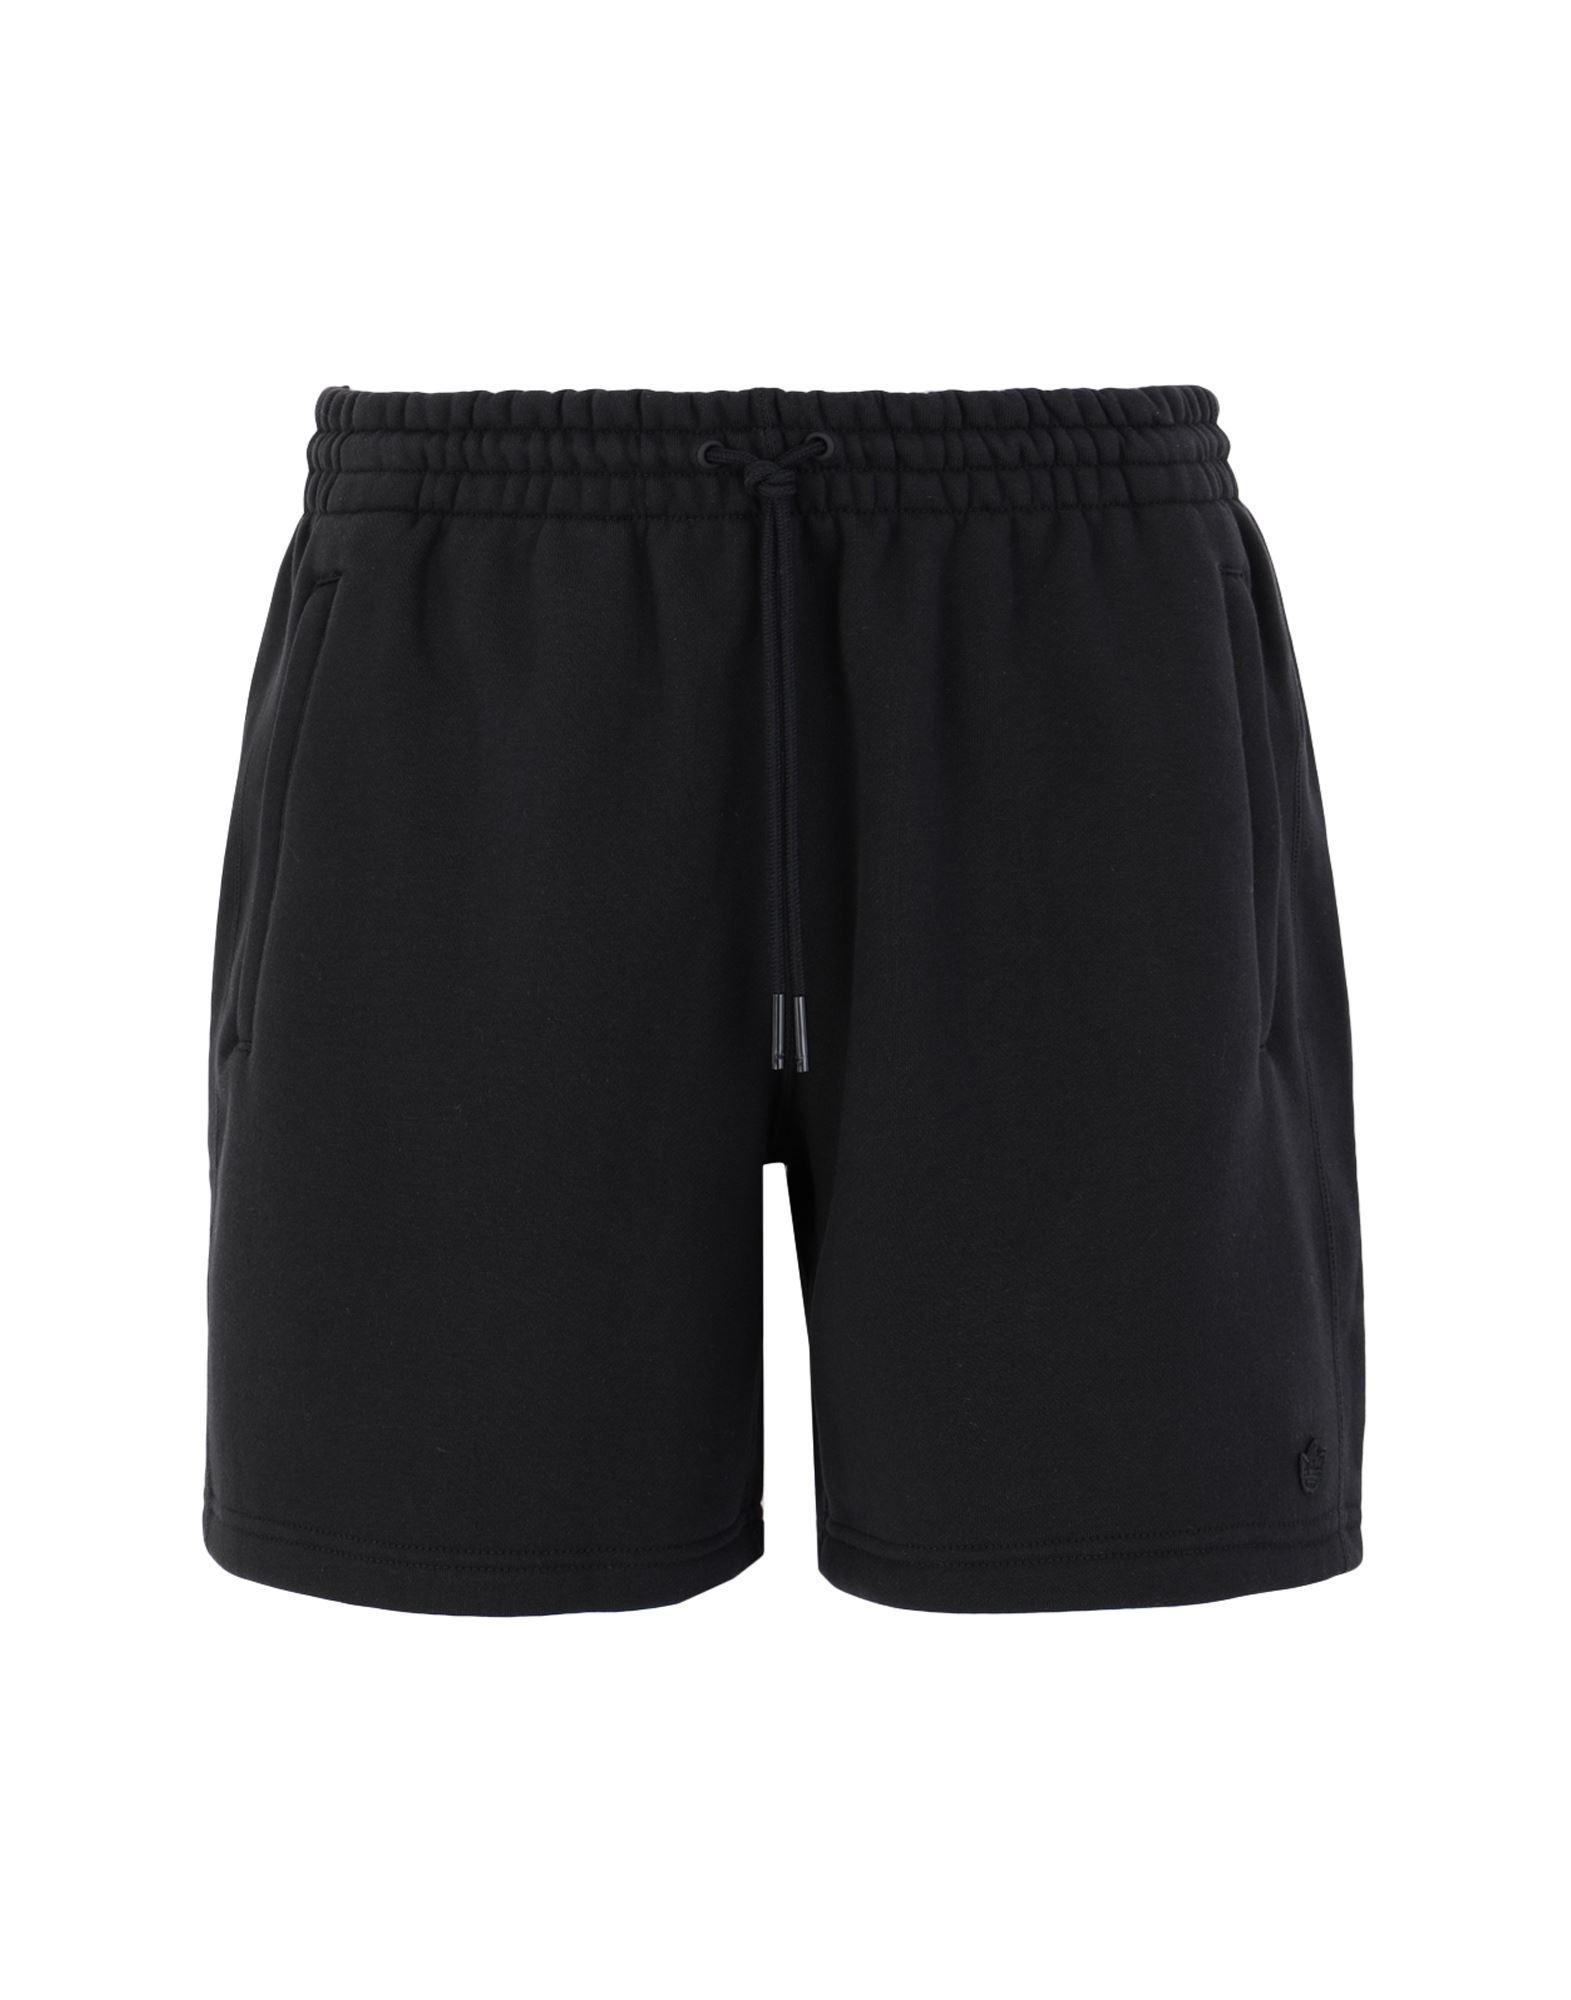 шорты с вшитыми лосинами adidas tiro19 2in1 sho d95934 ADIDAS ORIGINALS Шорты и бермуды